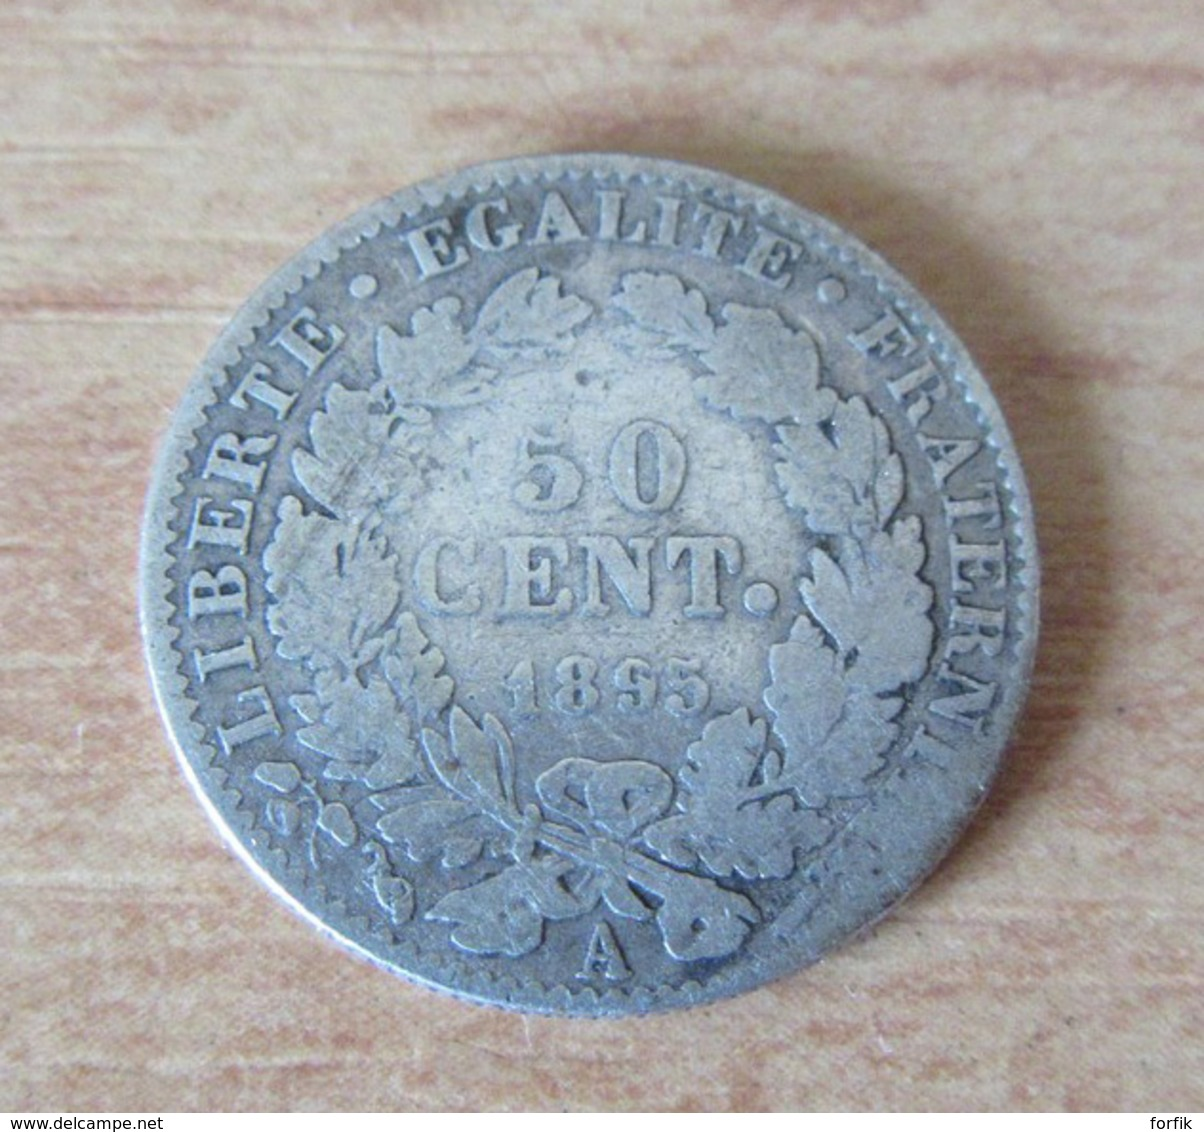 France - Monnaie 50 Centimes Cérès 1895 A En Argent - G. 50 Centimes